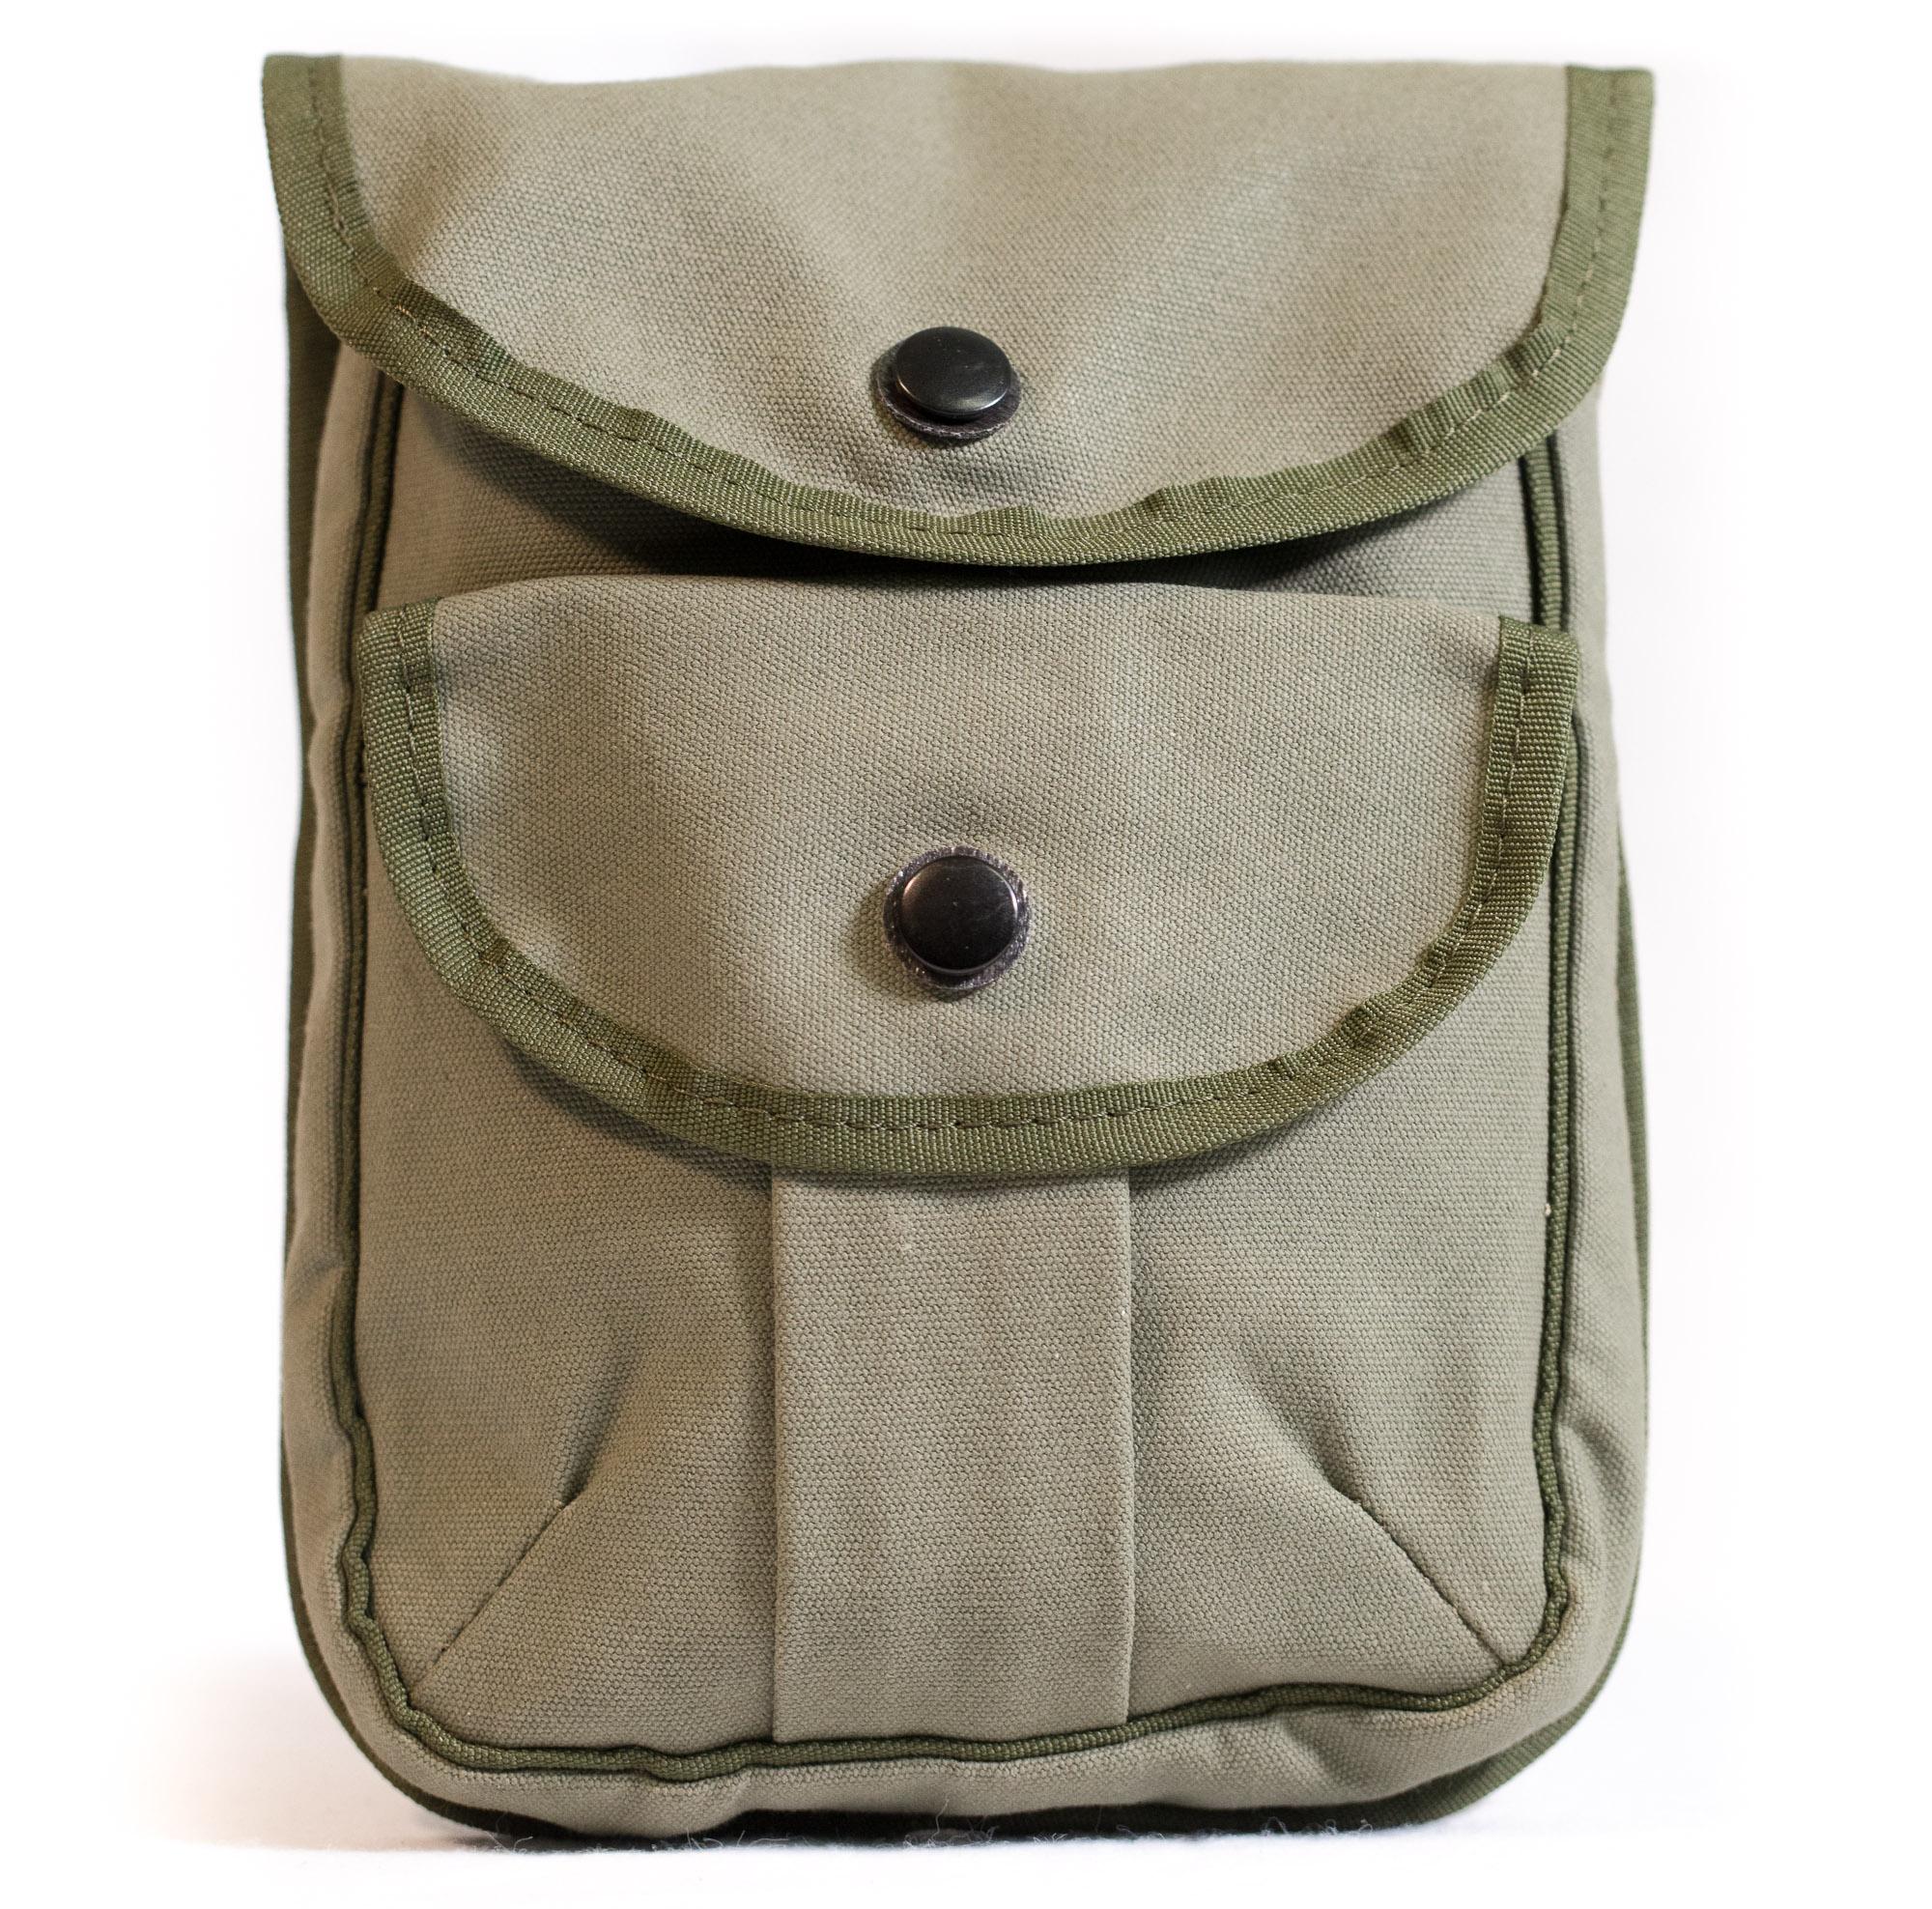 Brašny, batohy pro retro výletníky